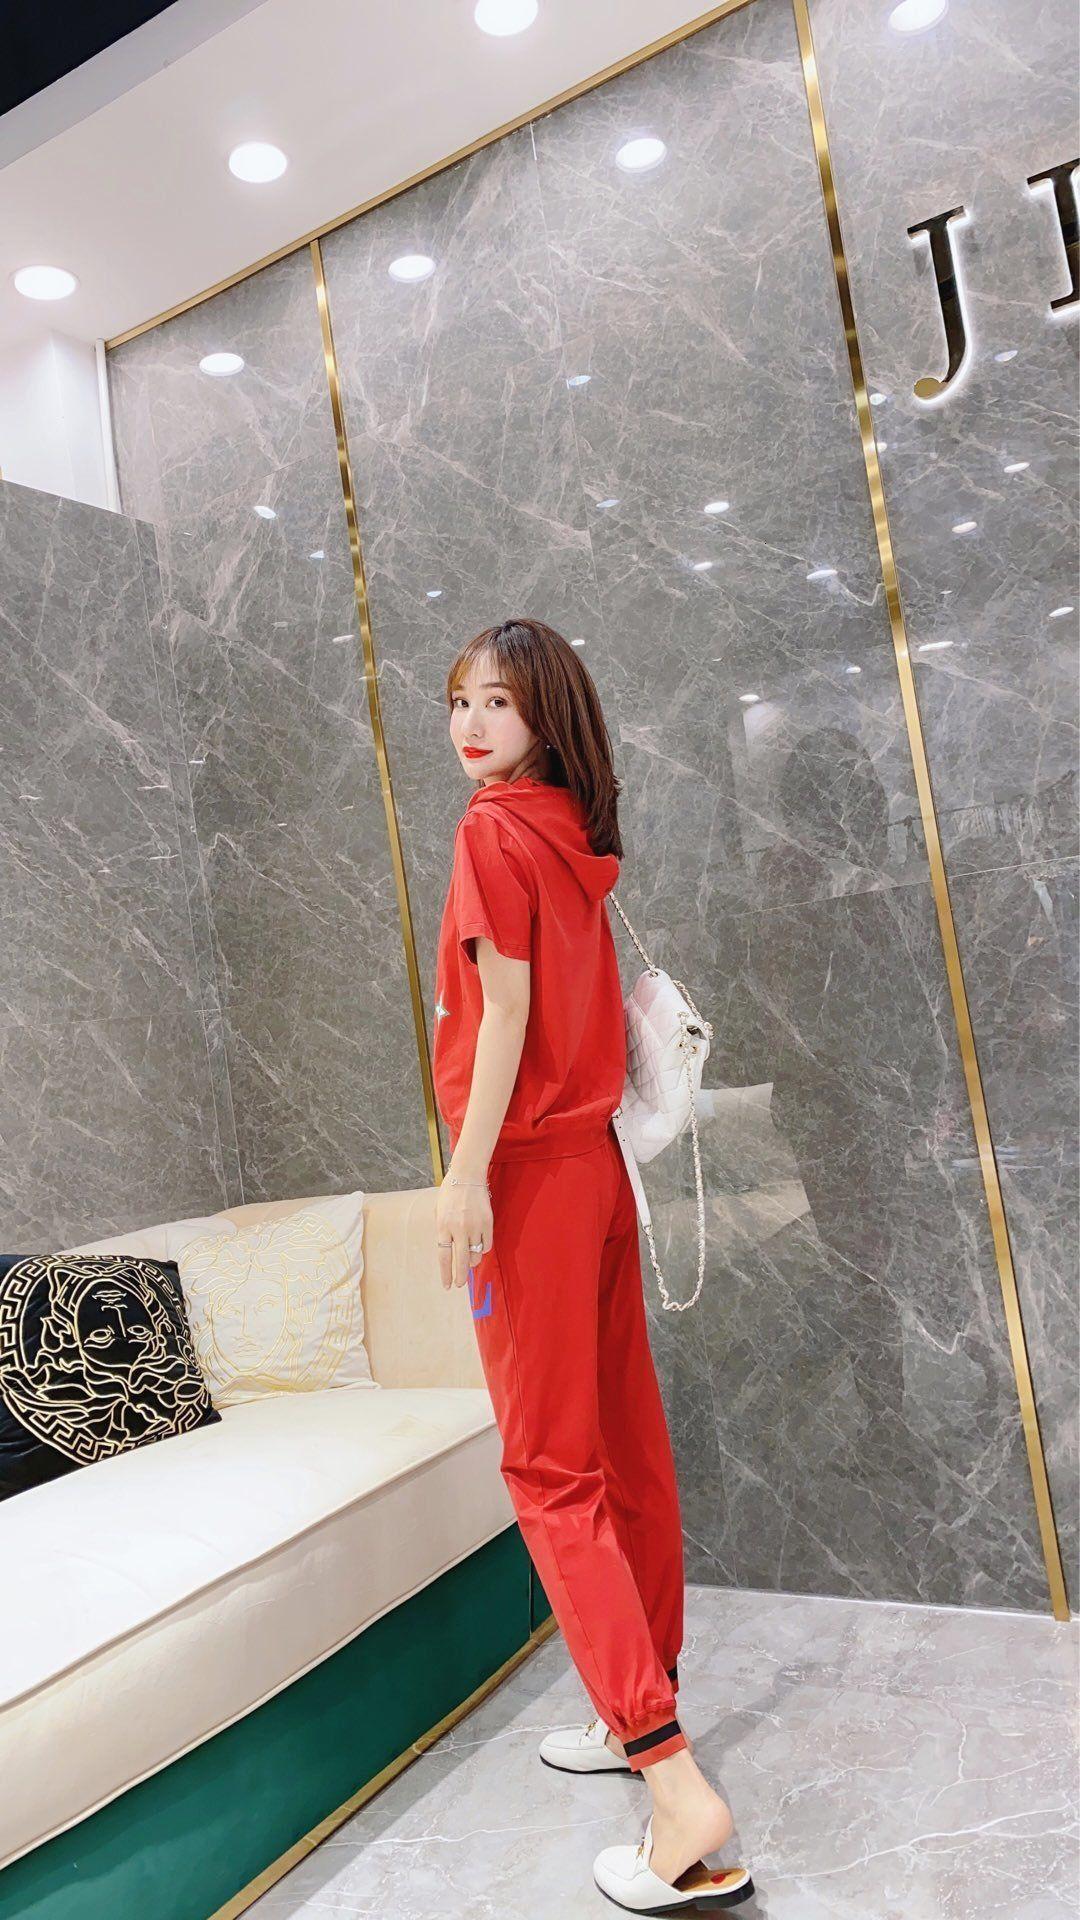 дизайнер женские 2 шт наборы женщин костюм рекомендуют горячее самое лучшее надувательство освобождает перевозку груза новый список партии простой H80J F4D1 F4D1